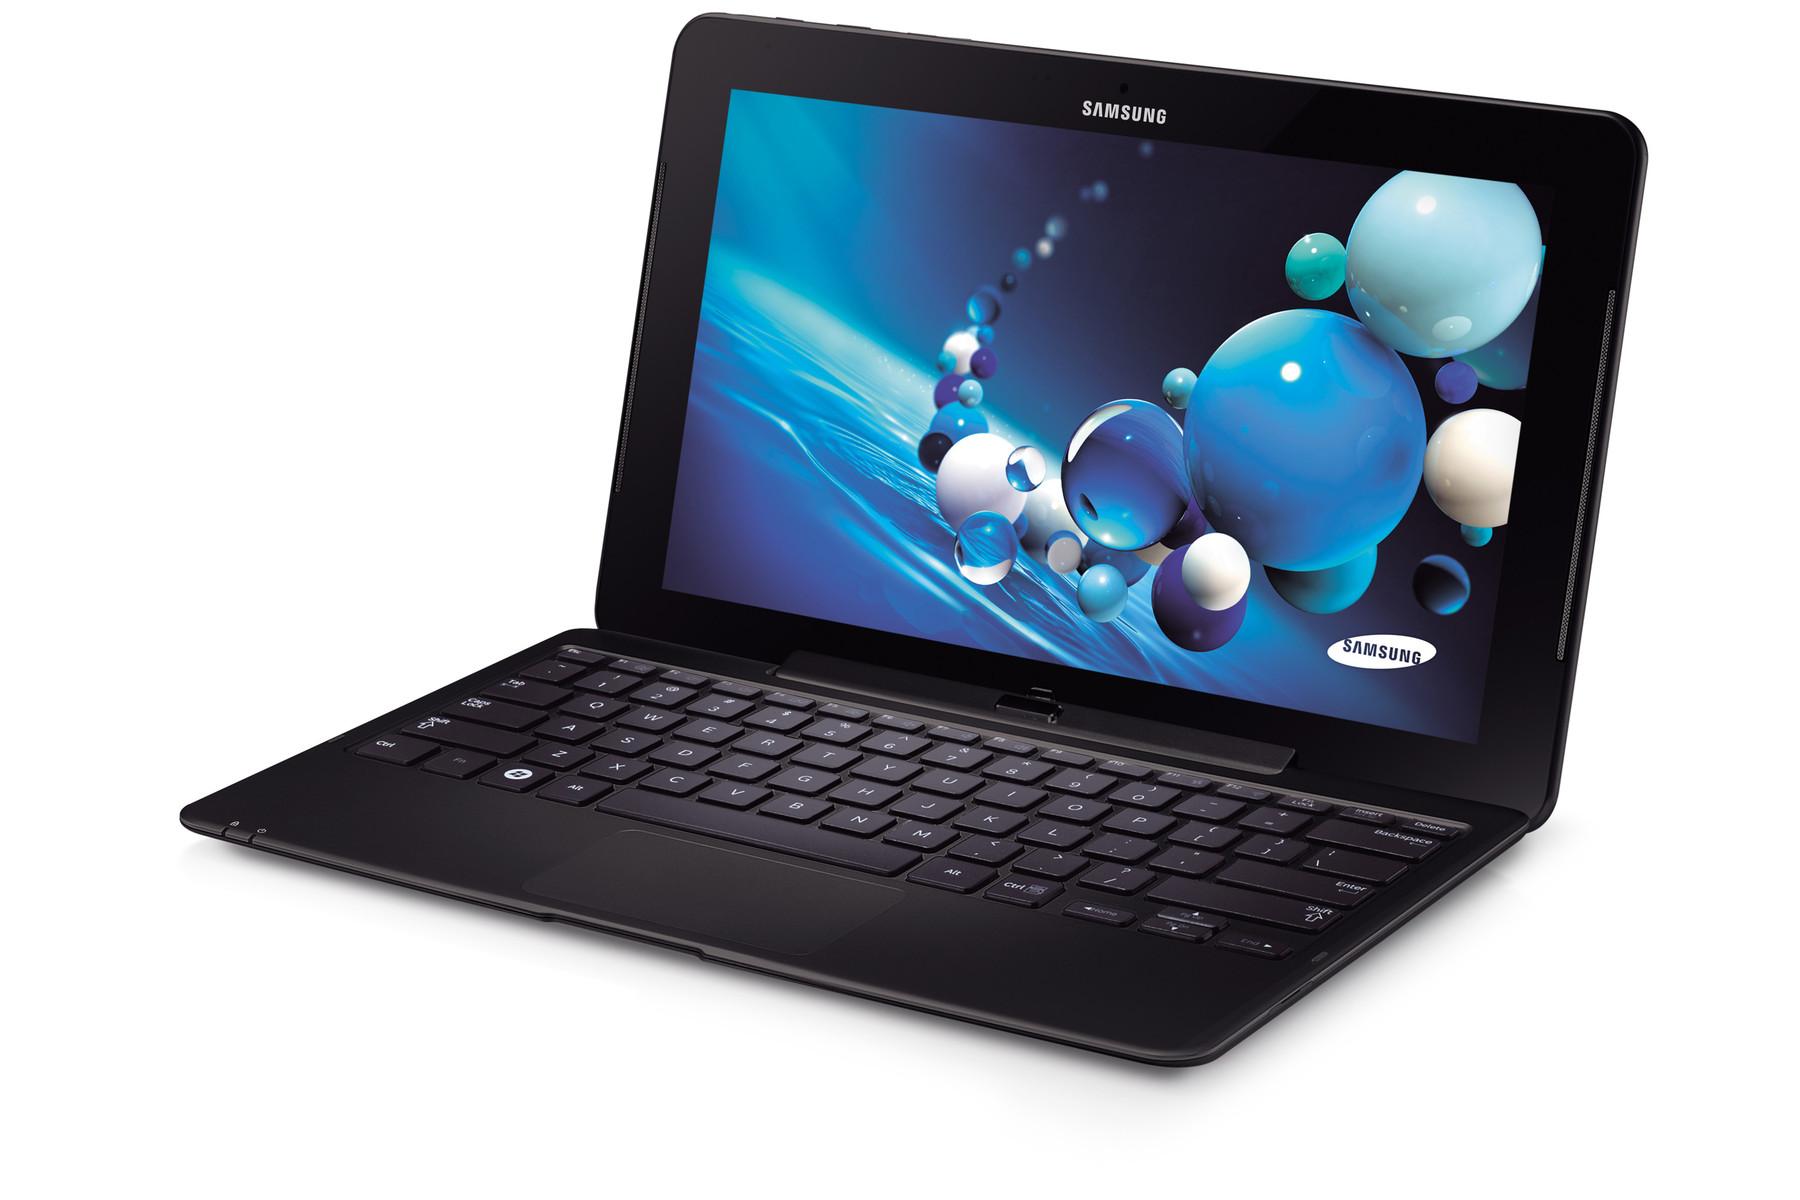 Samsung vurderer å selge seg ut av PC-markedet. Lenovo kan bli oppkjøper.